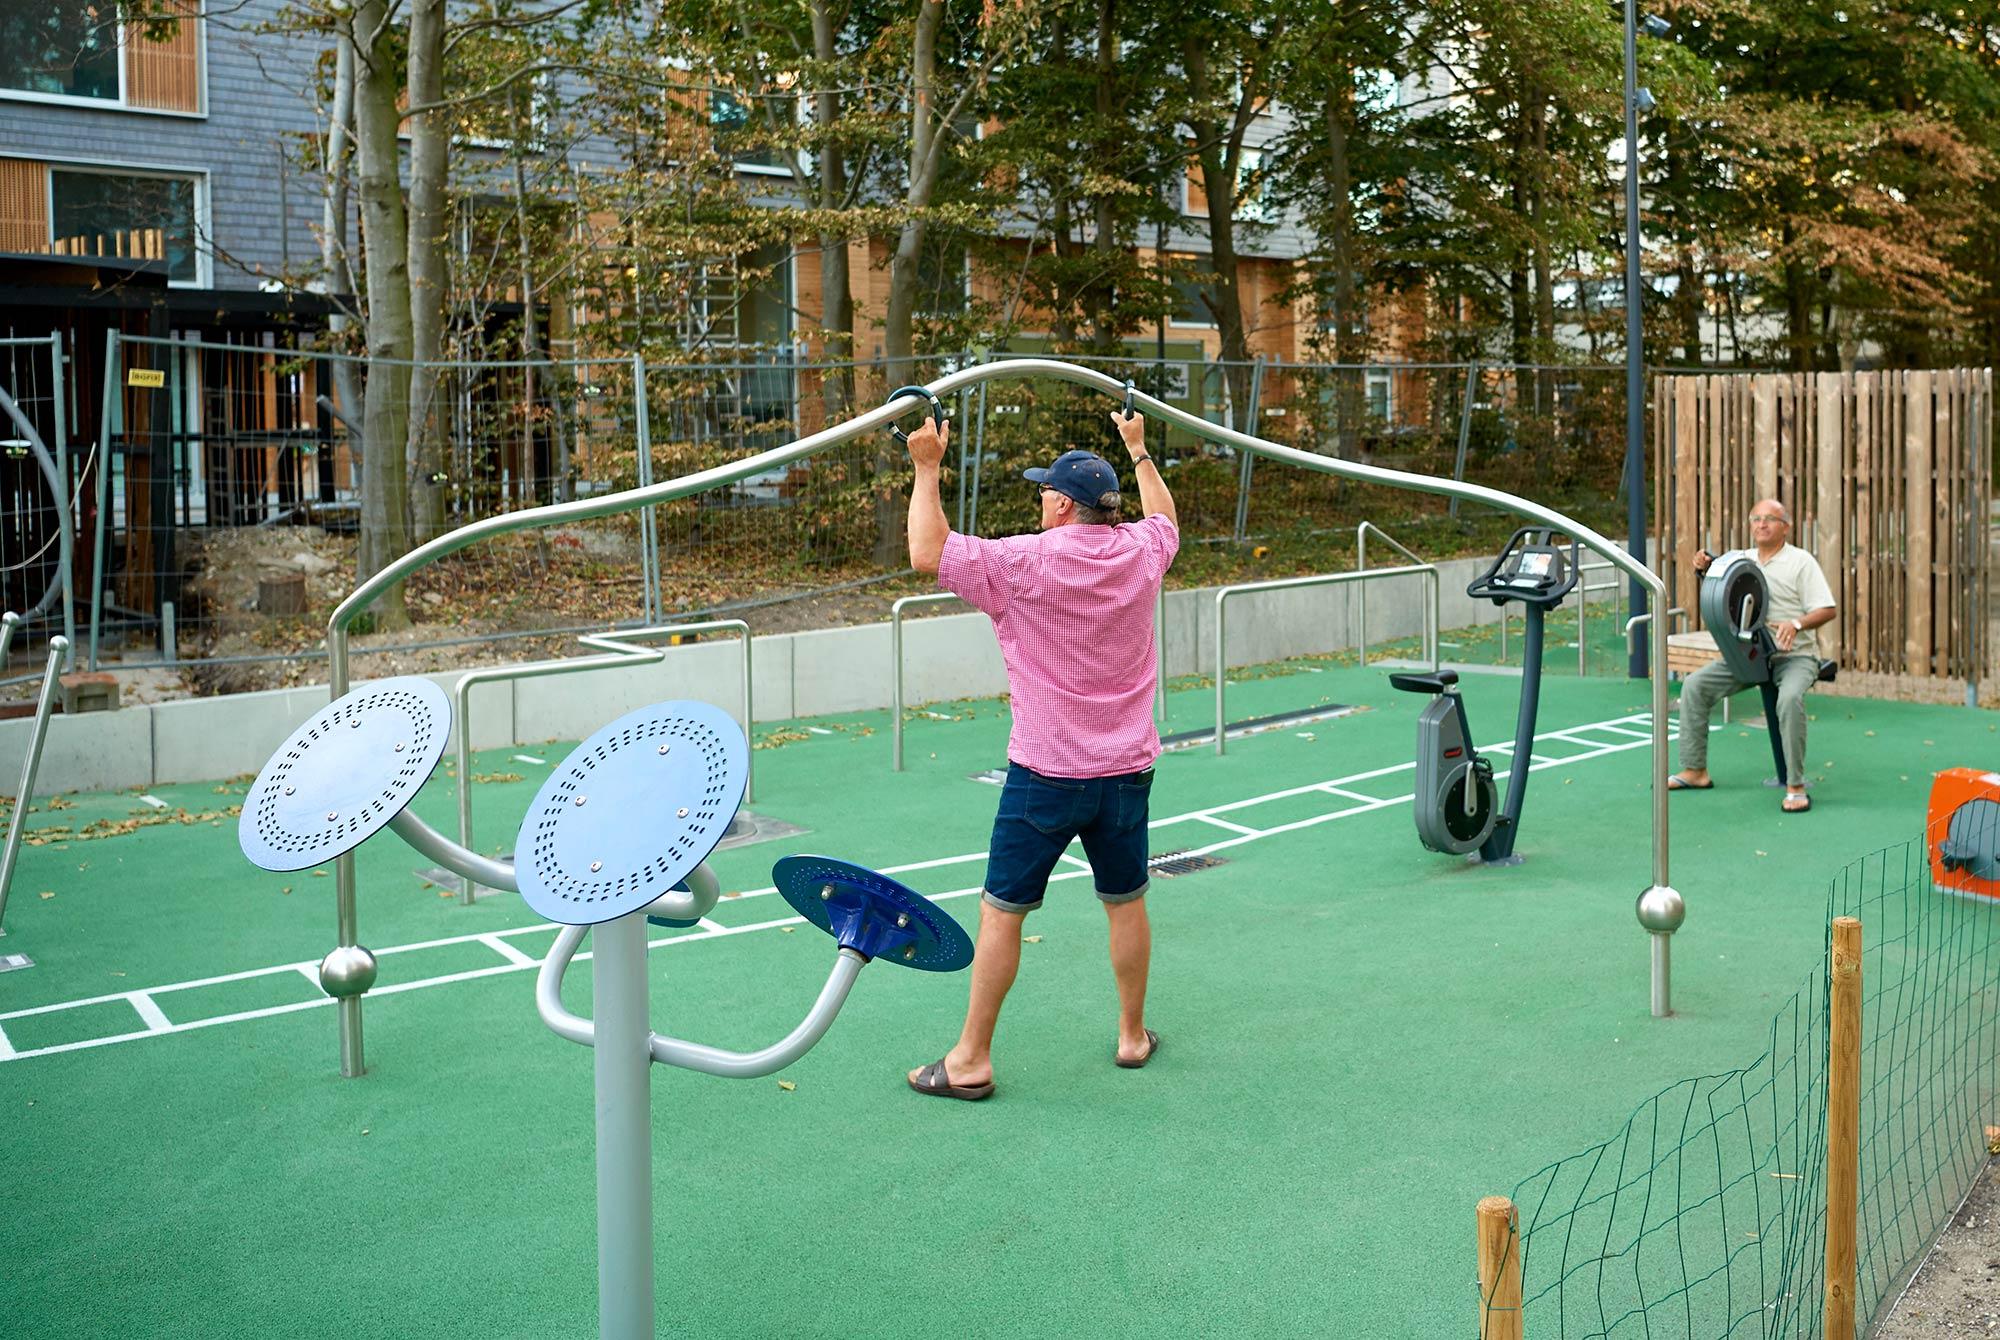 Område med træningsredskaber hvor to mænd træner. Den ene strækker armene og holder ved to ringe, som køres rundt på en skinne, den anden sidder og styrer to pedaler med hænderne.